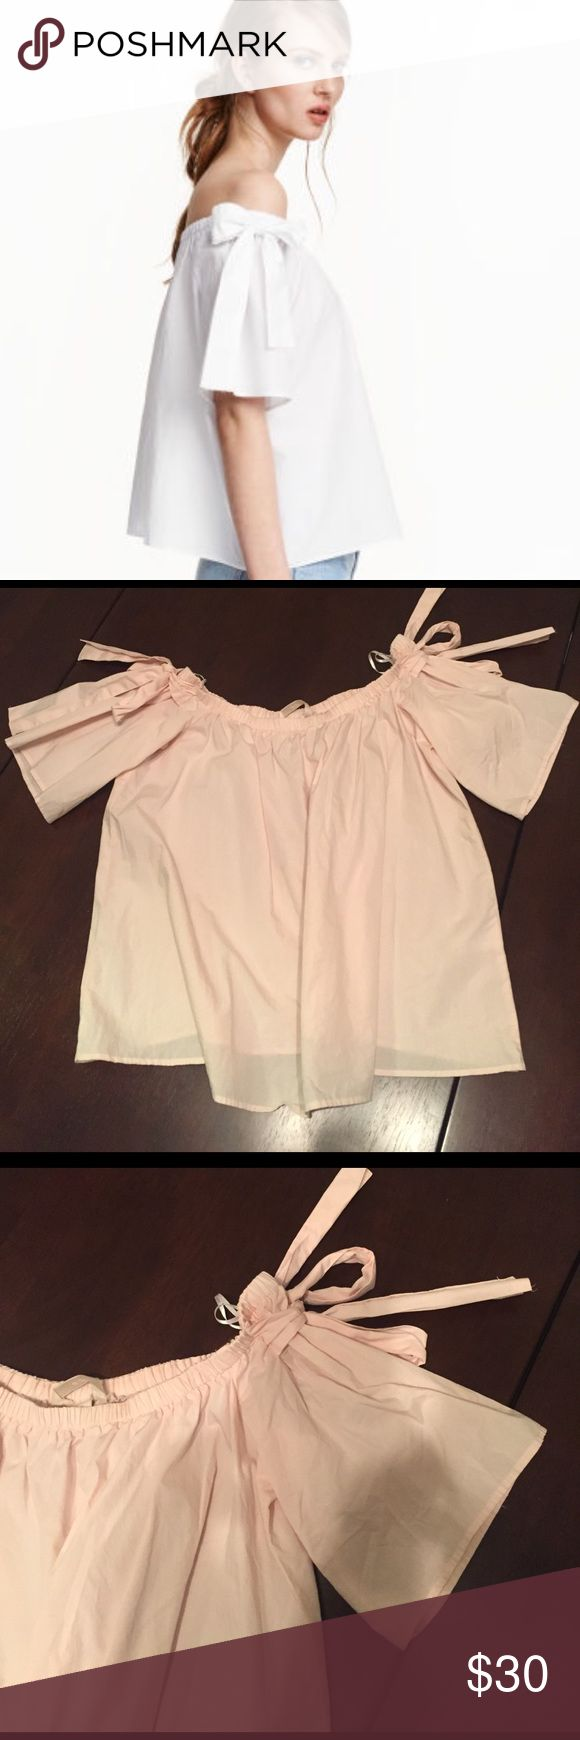 H&M Off The Shoulder Cotton Blouse Super cute cotton blouse with shoulder ribbon ties. H&M Tops Blouses